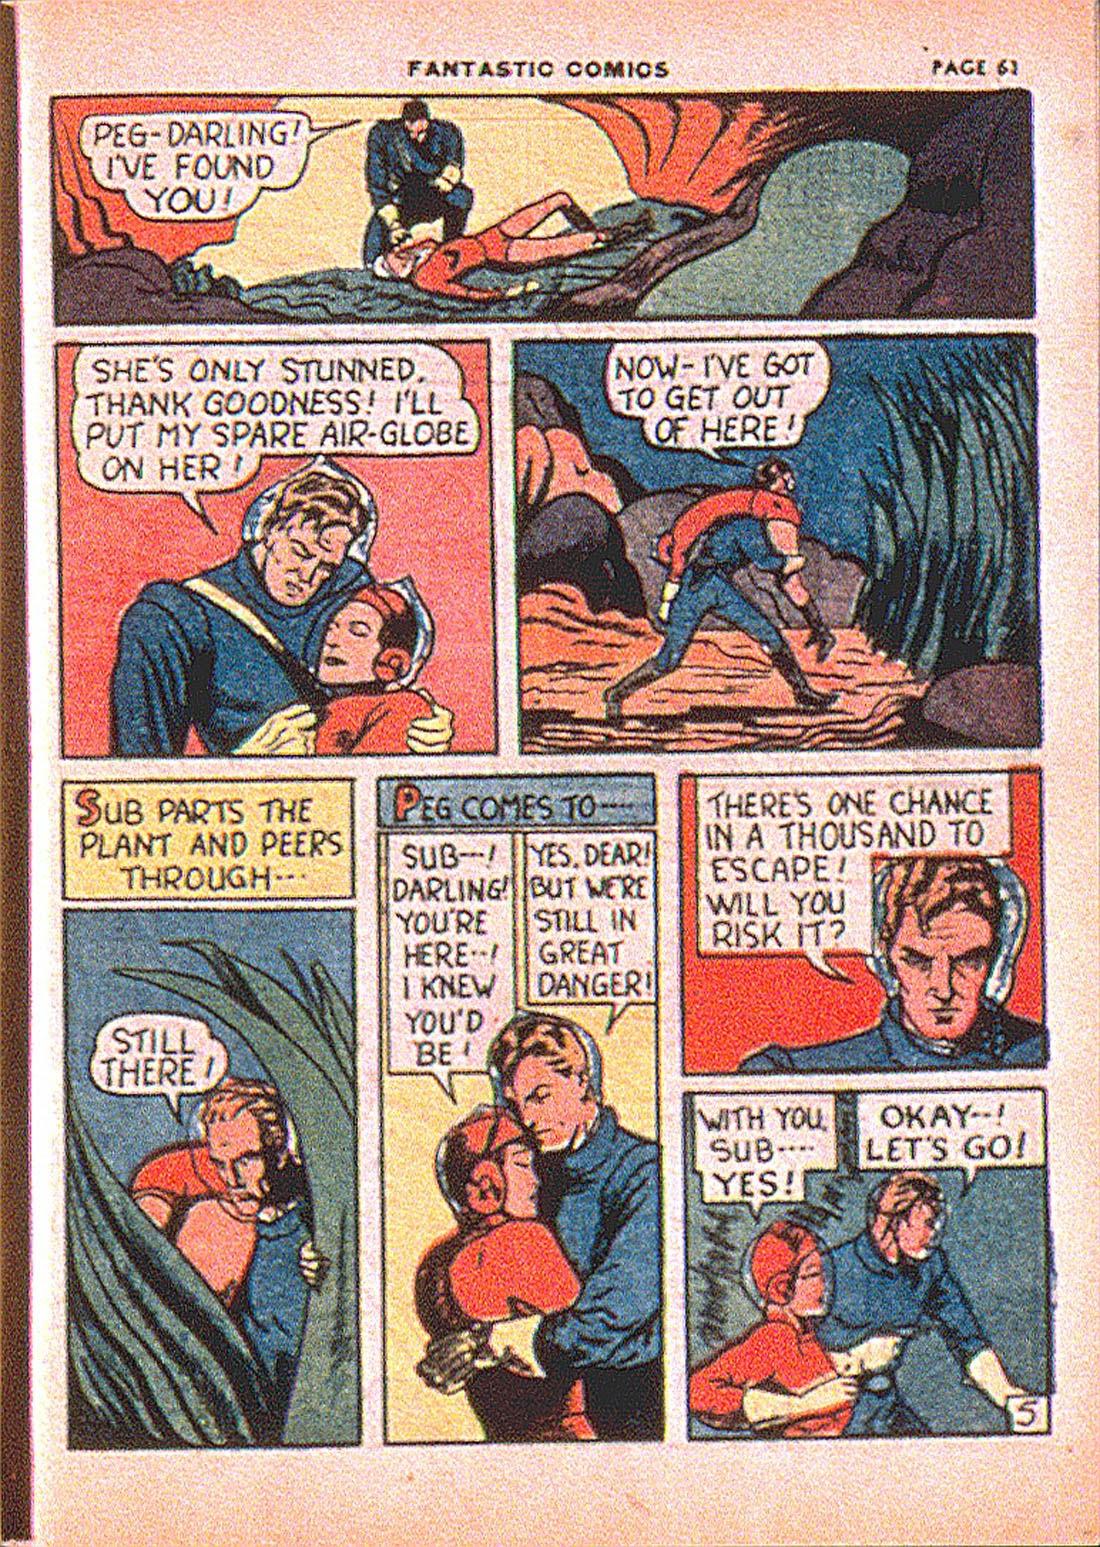 Read online Fantastic Comics comic -  Issue #7 - 63